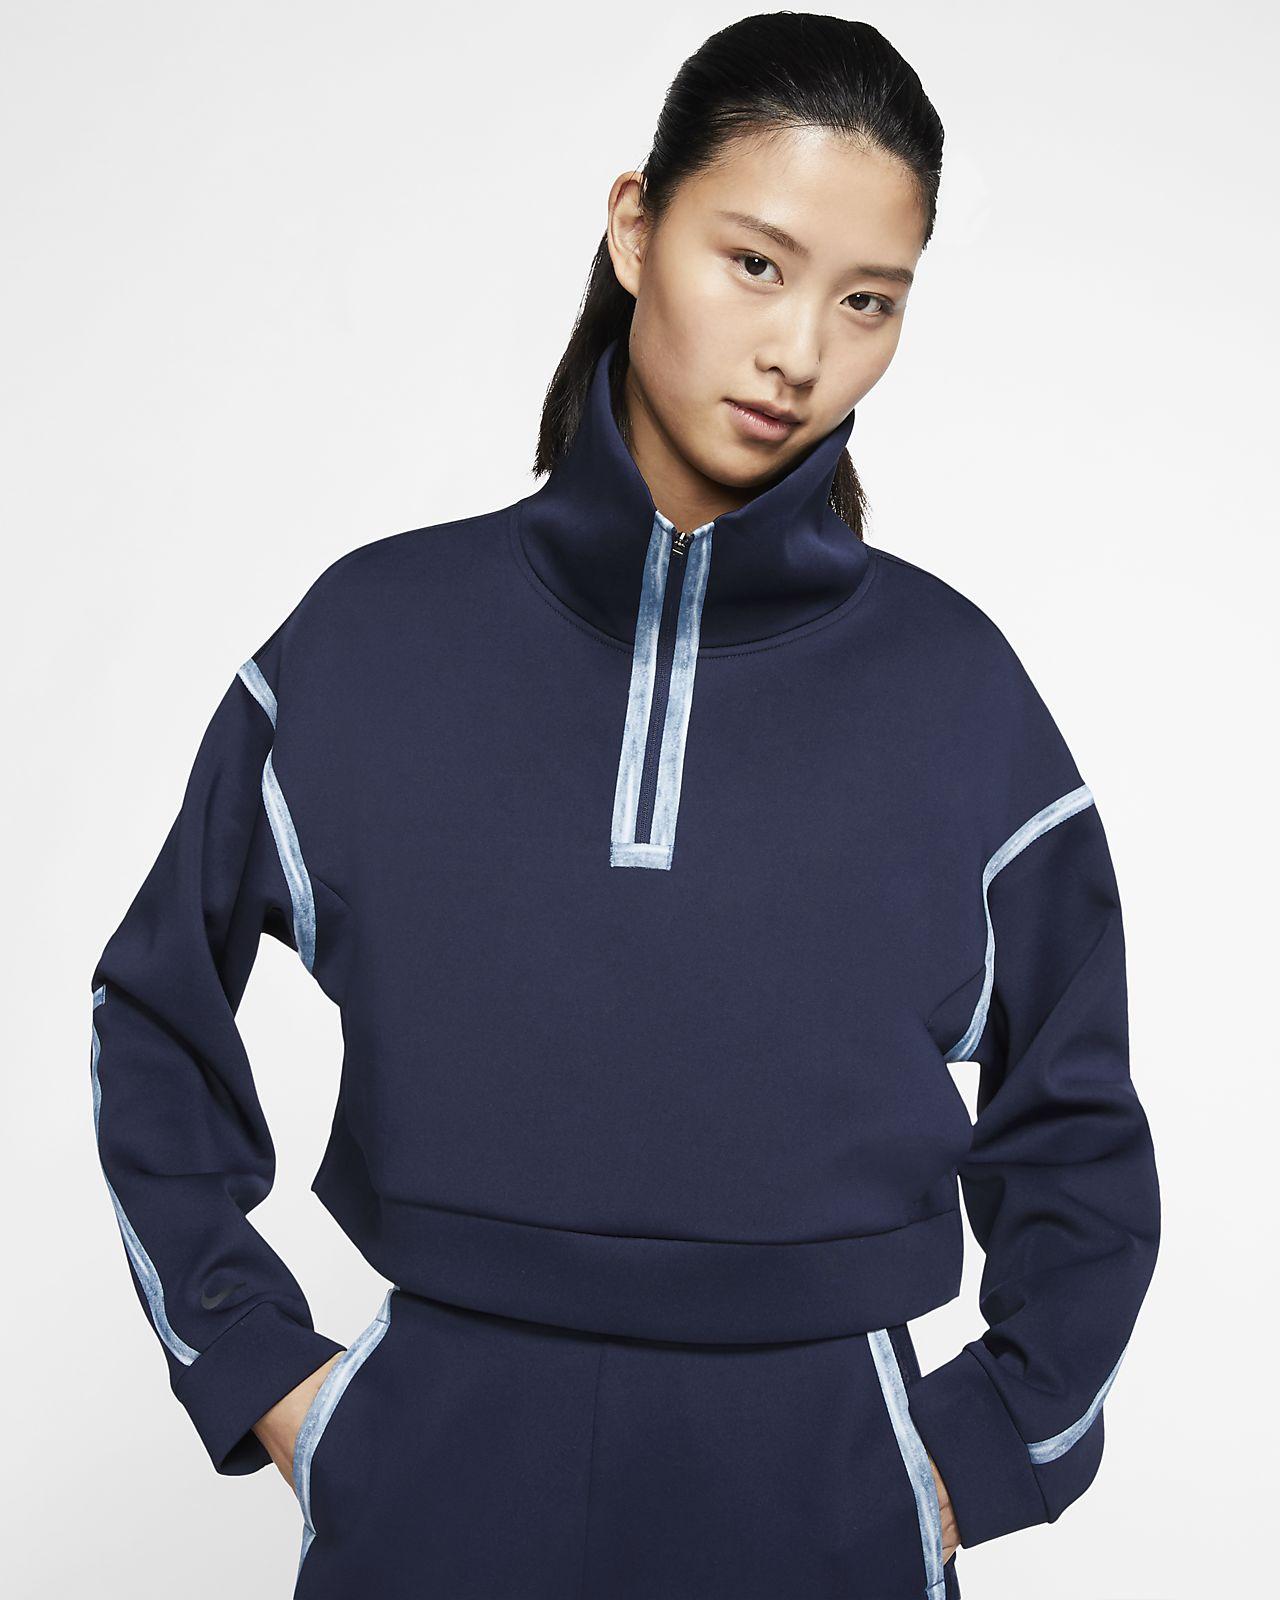 Nike City Ready Women's 1/4-Zip Fleece Training Pullover